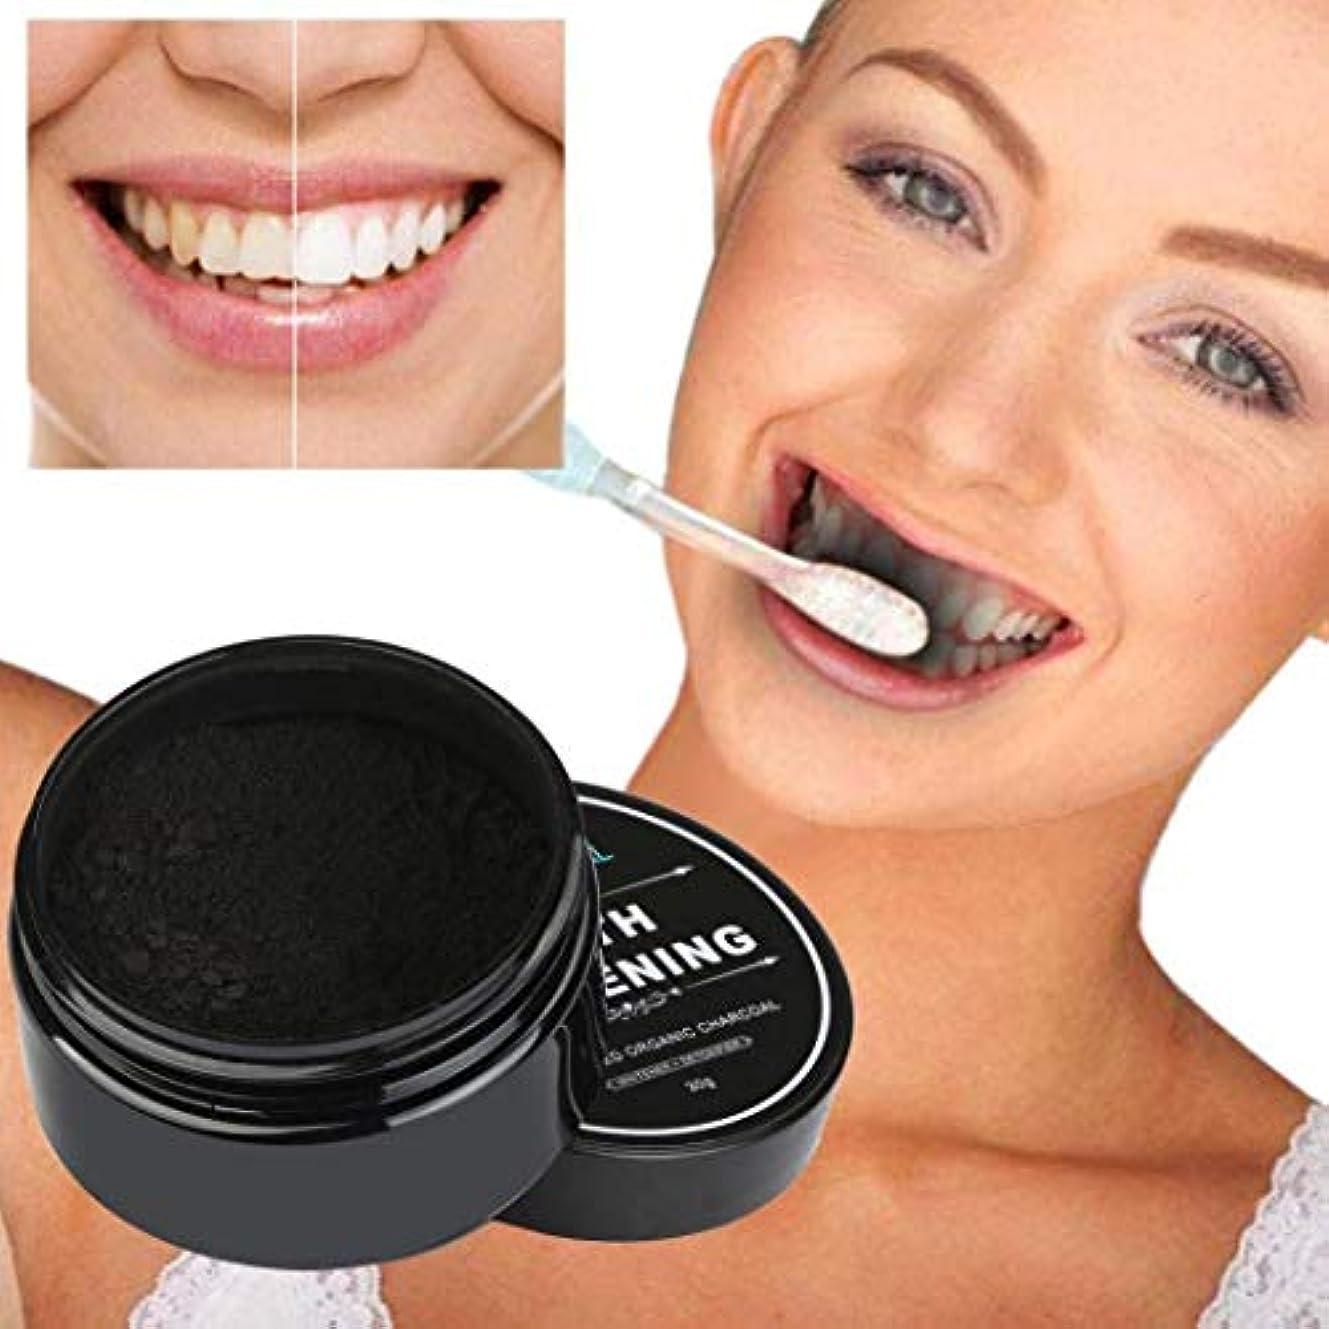 エコーアサー伝染病Ggorw 歯のホワイトニング 竹炭 美白歯磨きパウダー オーラルケア ハミガキ粉 ホワイトニング活性炭 口臭消去